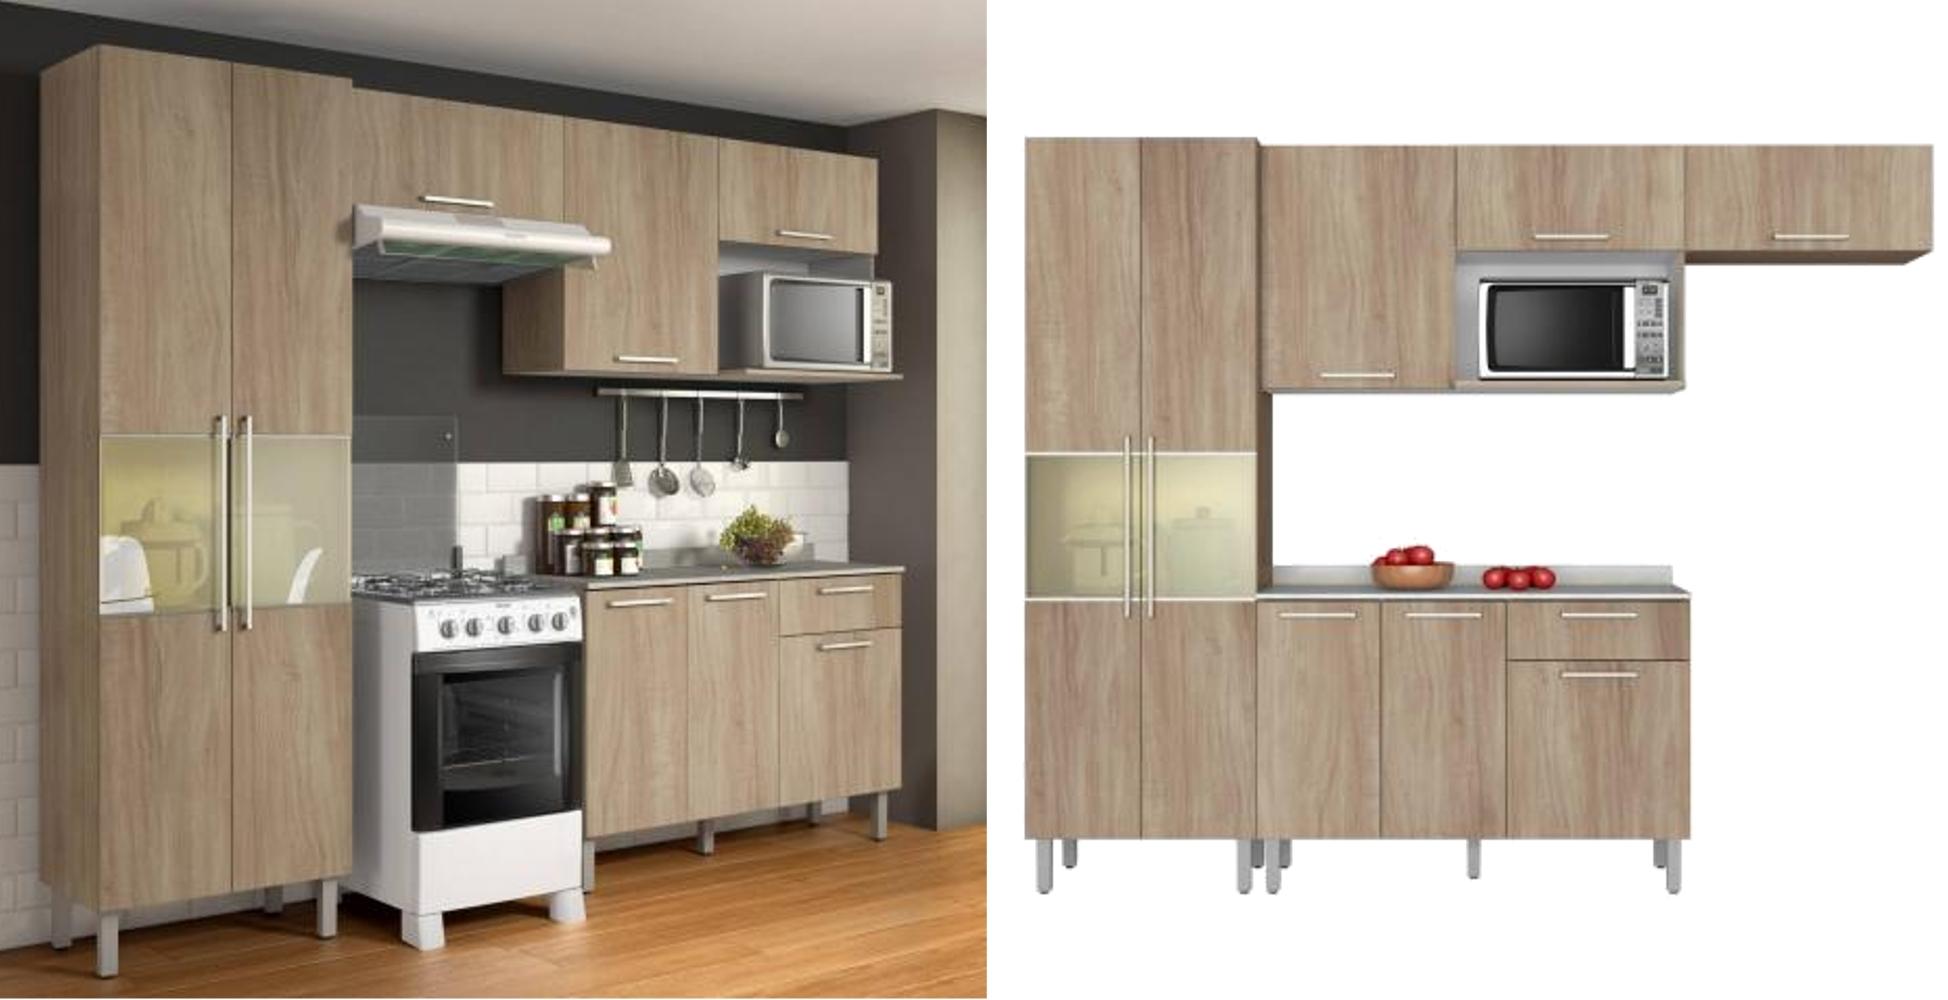 Cozinha Compacta 4 Pe As Com Balc O E Paneleiro Star Aveiro Oak